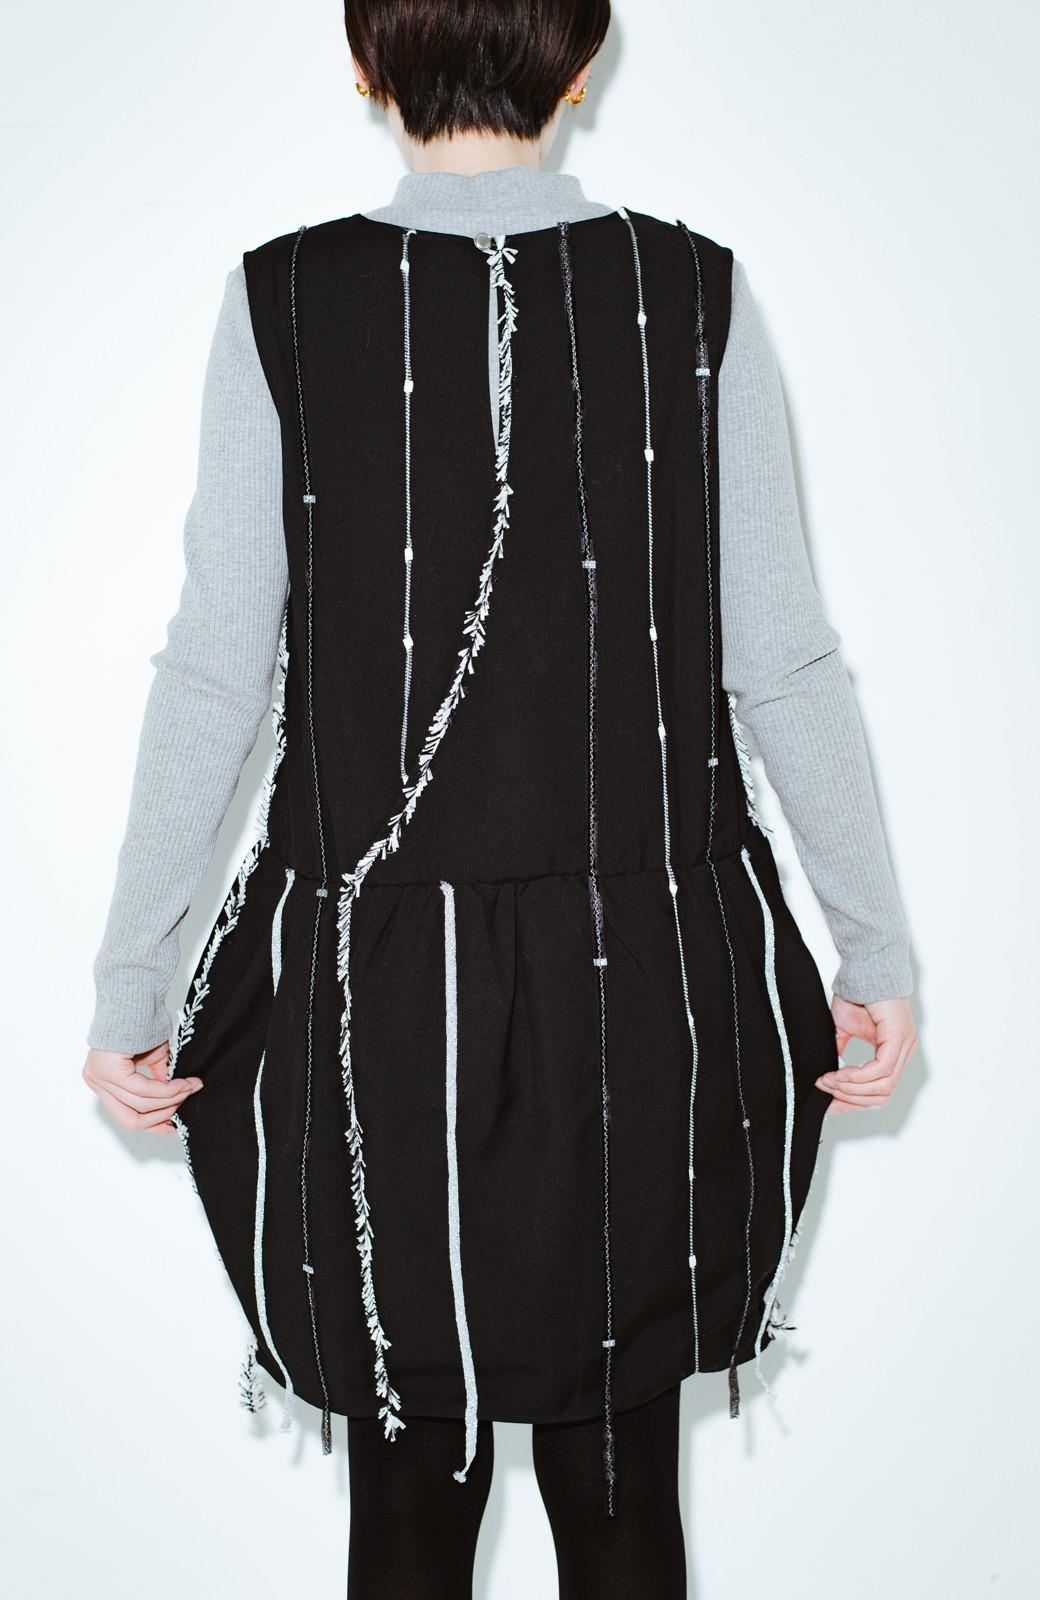 haco! co&tion 田中佑佳Zebra(09 milling crowd)黒ワンピ【アーティスト監修10点もの】 <ブラック>の商品写真10